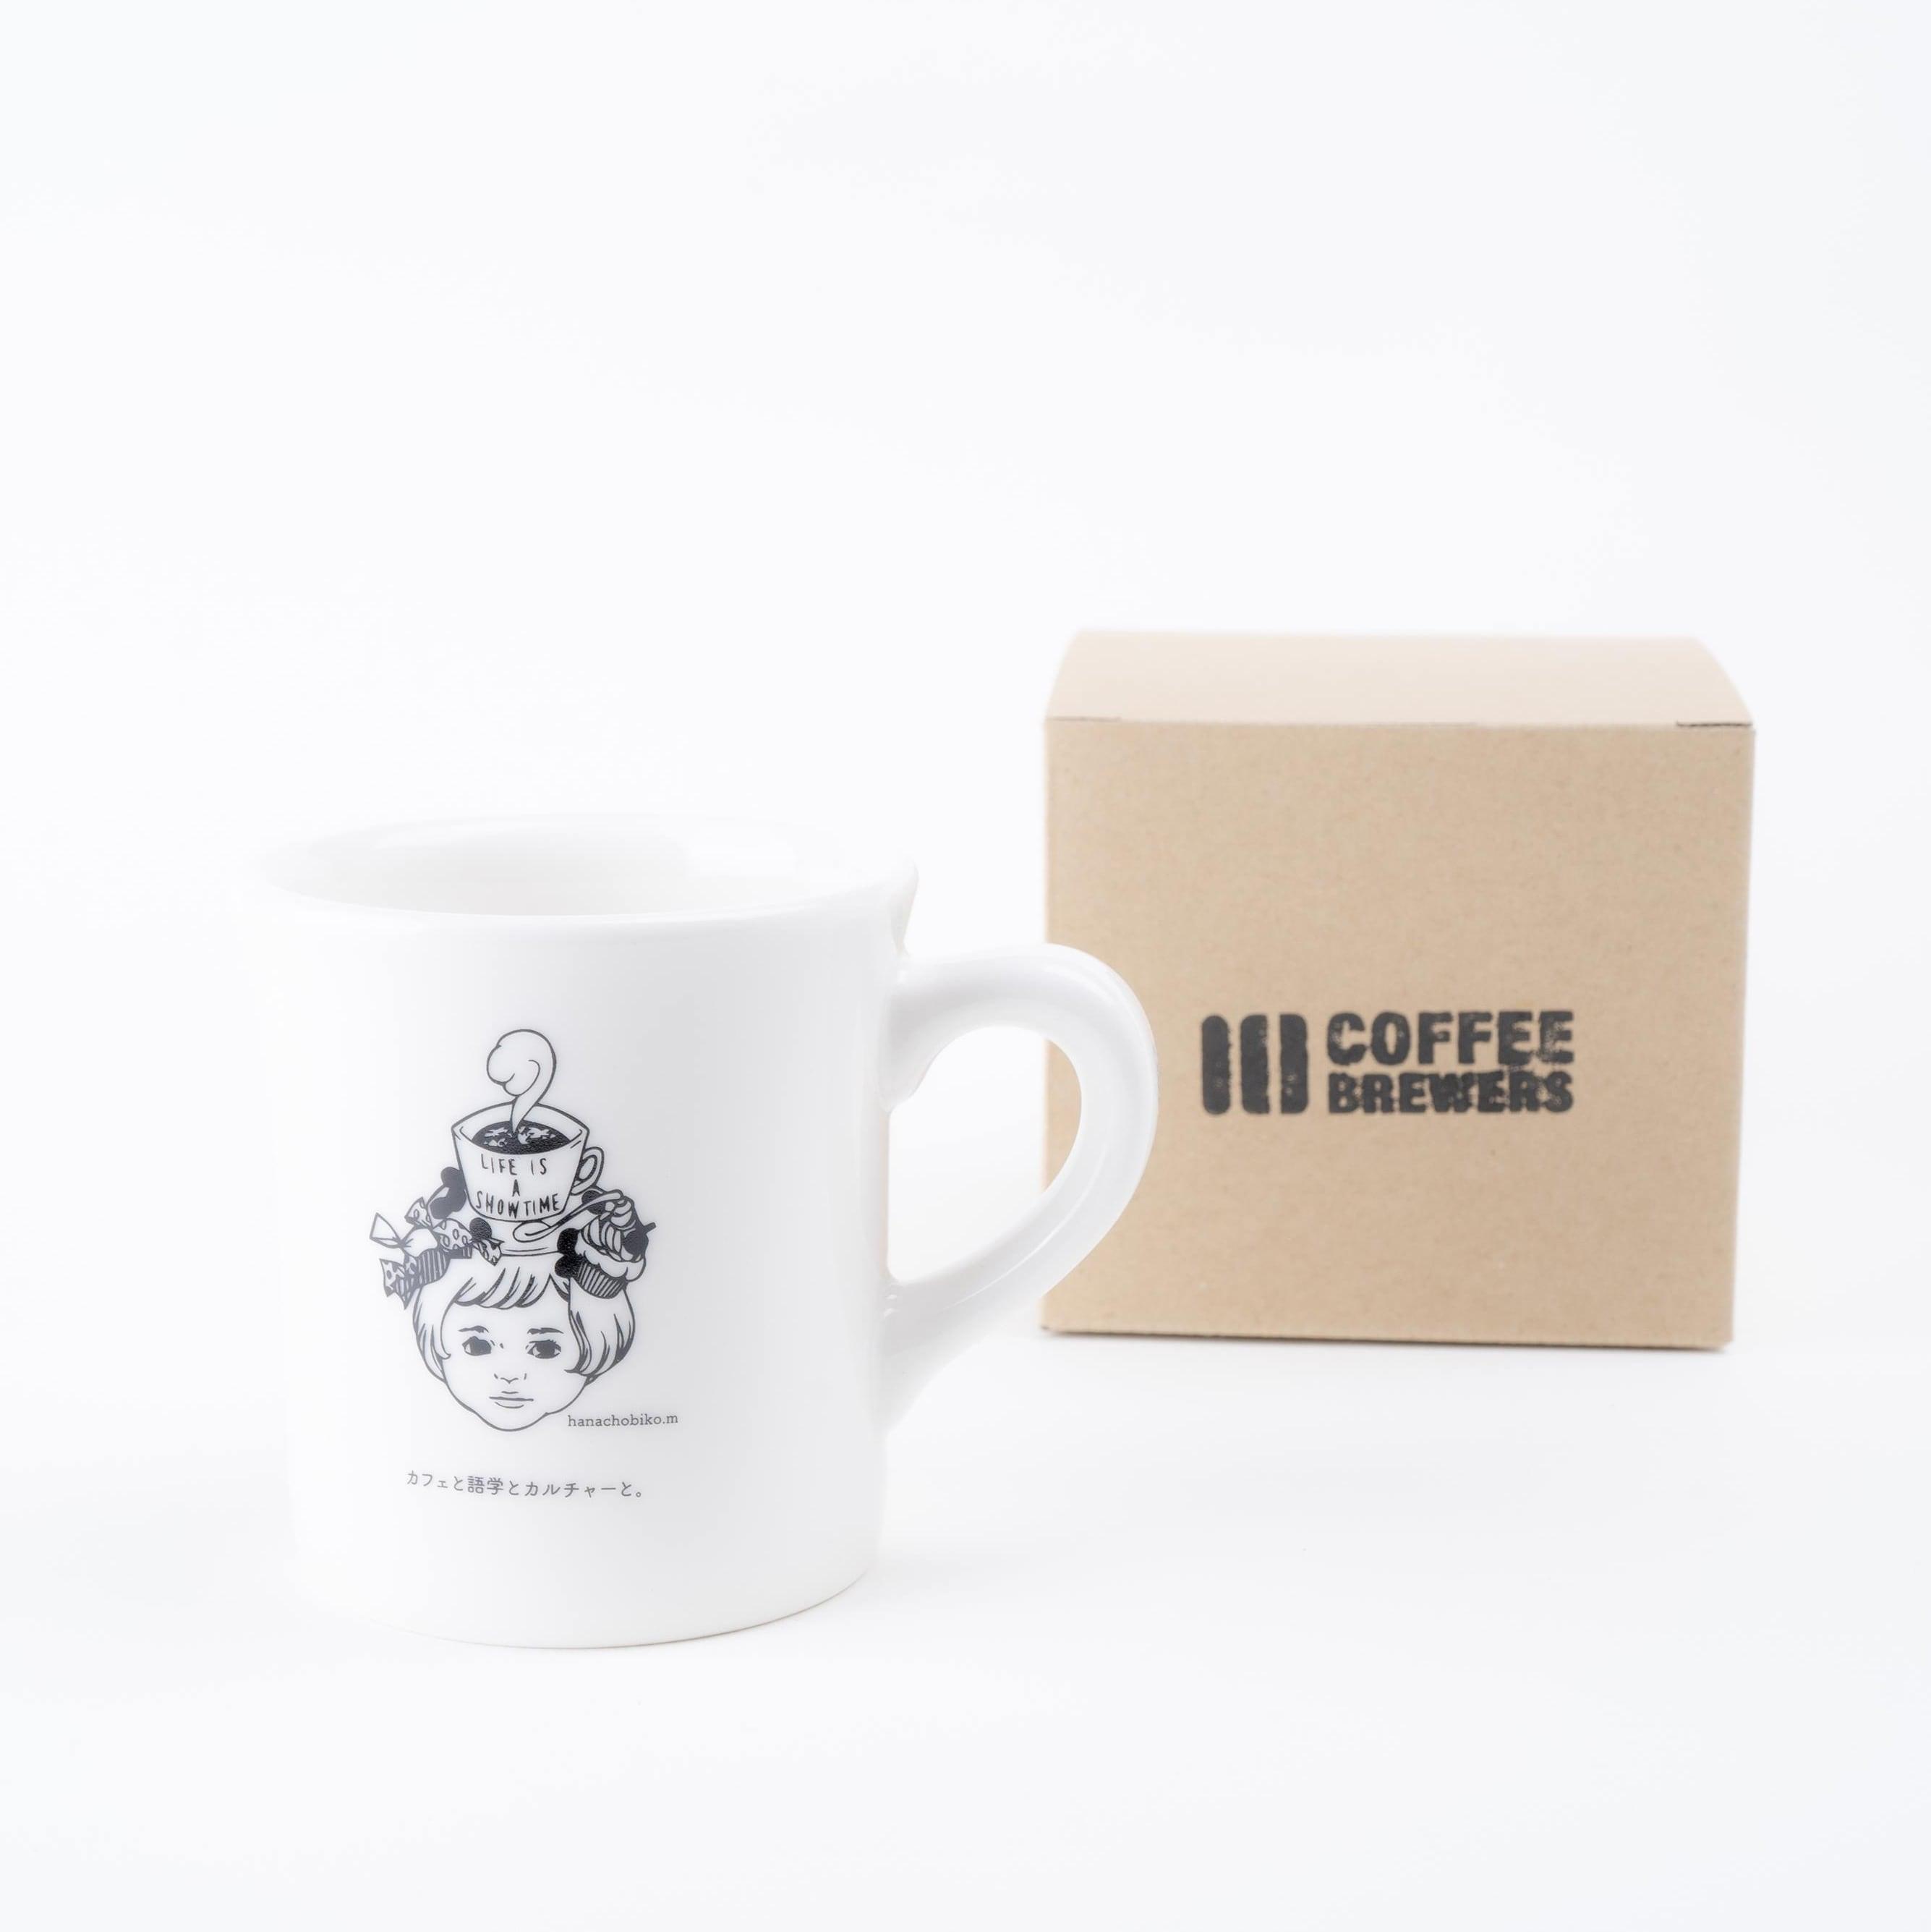 オリジナルマグカップ【10 COFFEE BREWERS オリジナル】